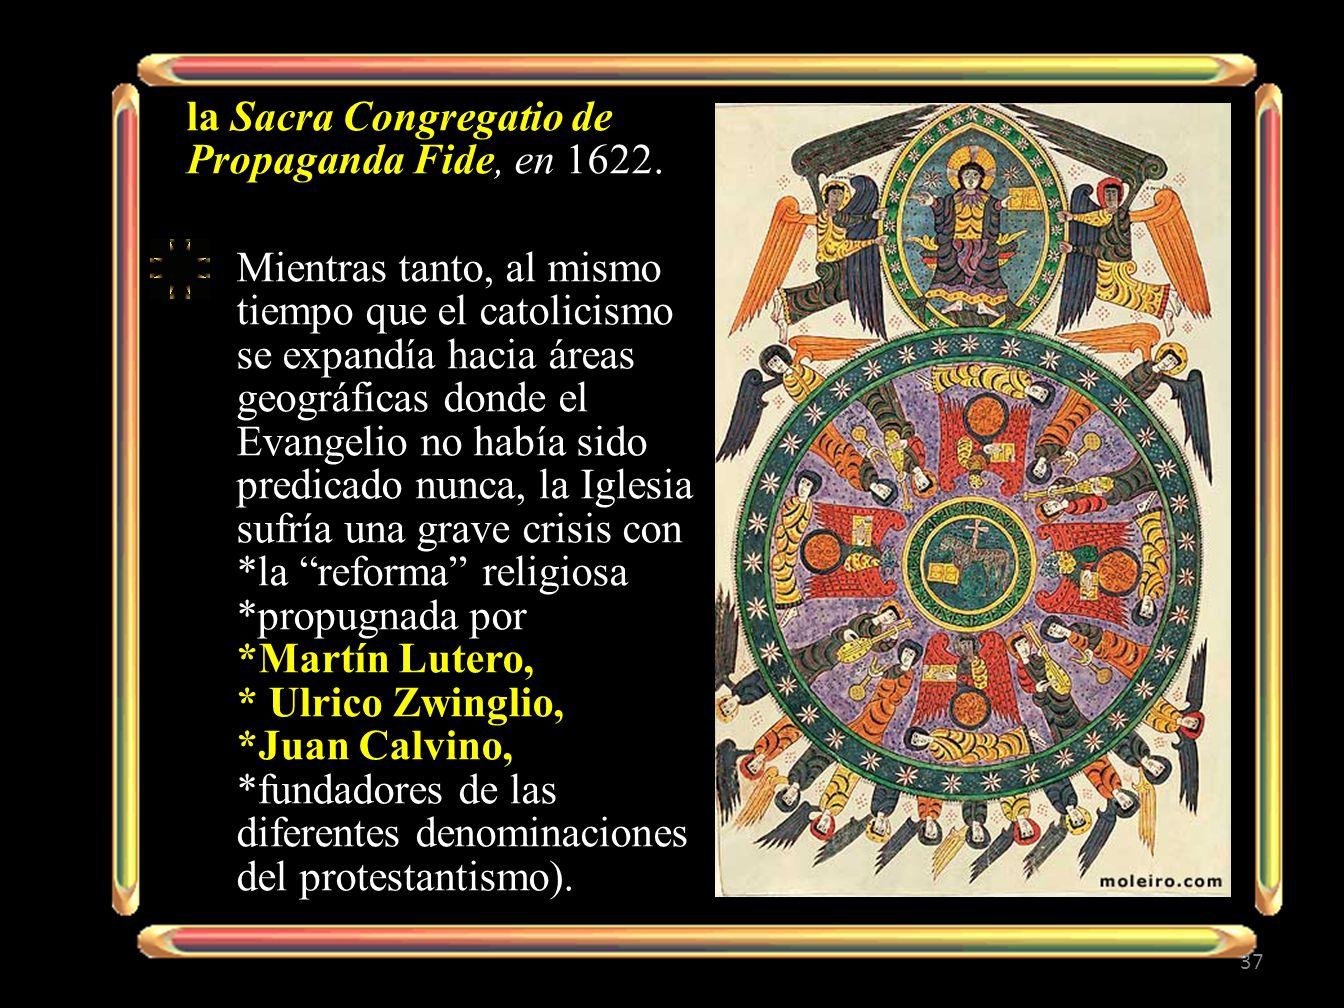 la Sacra Congregatio de Propaganda Fide, en 1622. Mientras tanto, al mismo tiempo que el catolicismo se expandía hacia áreas geográficas donde el Evan